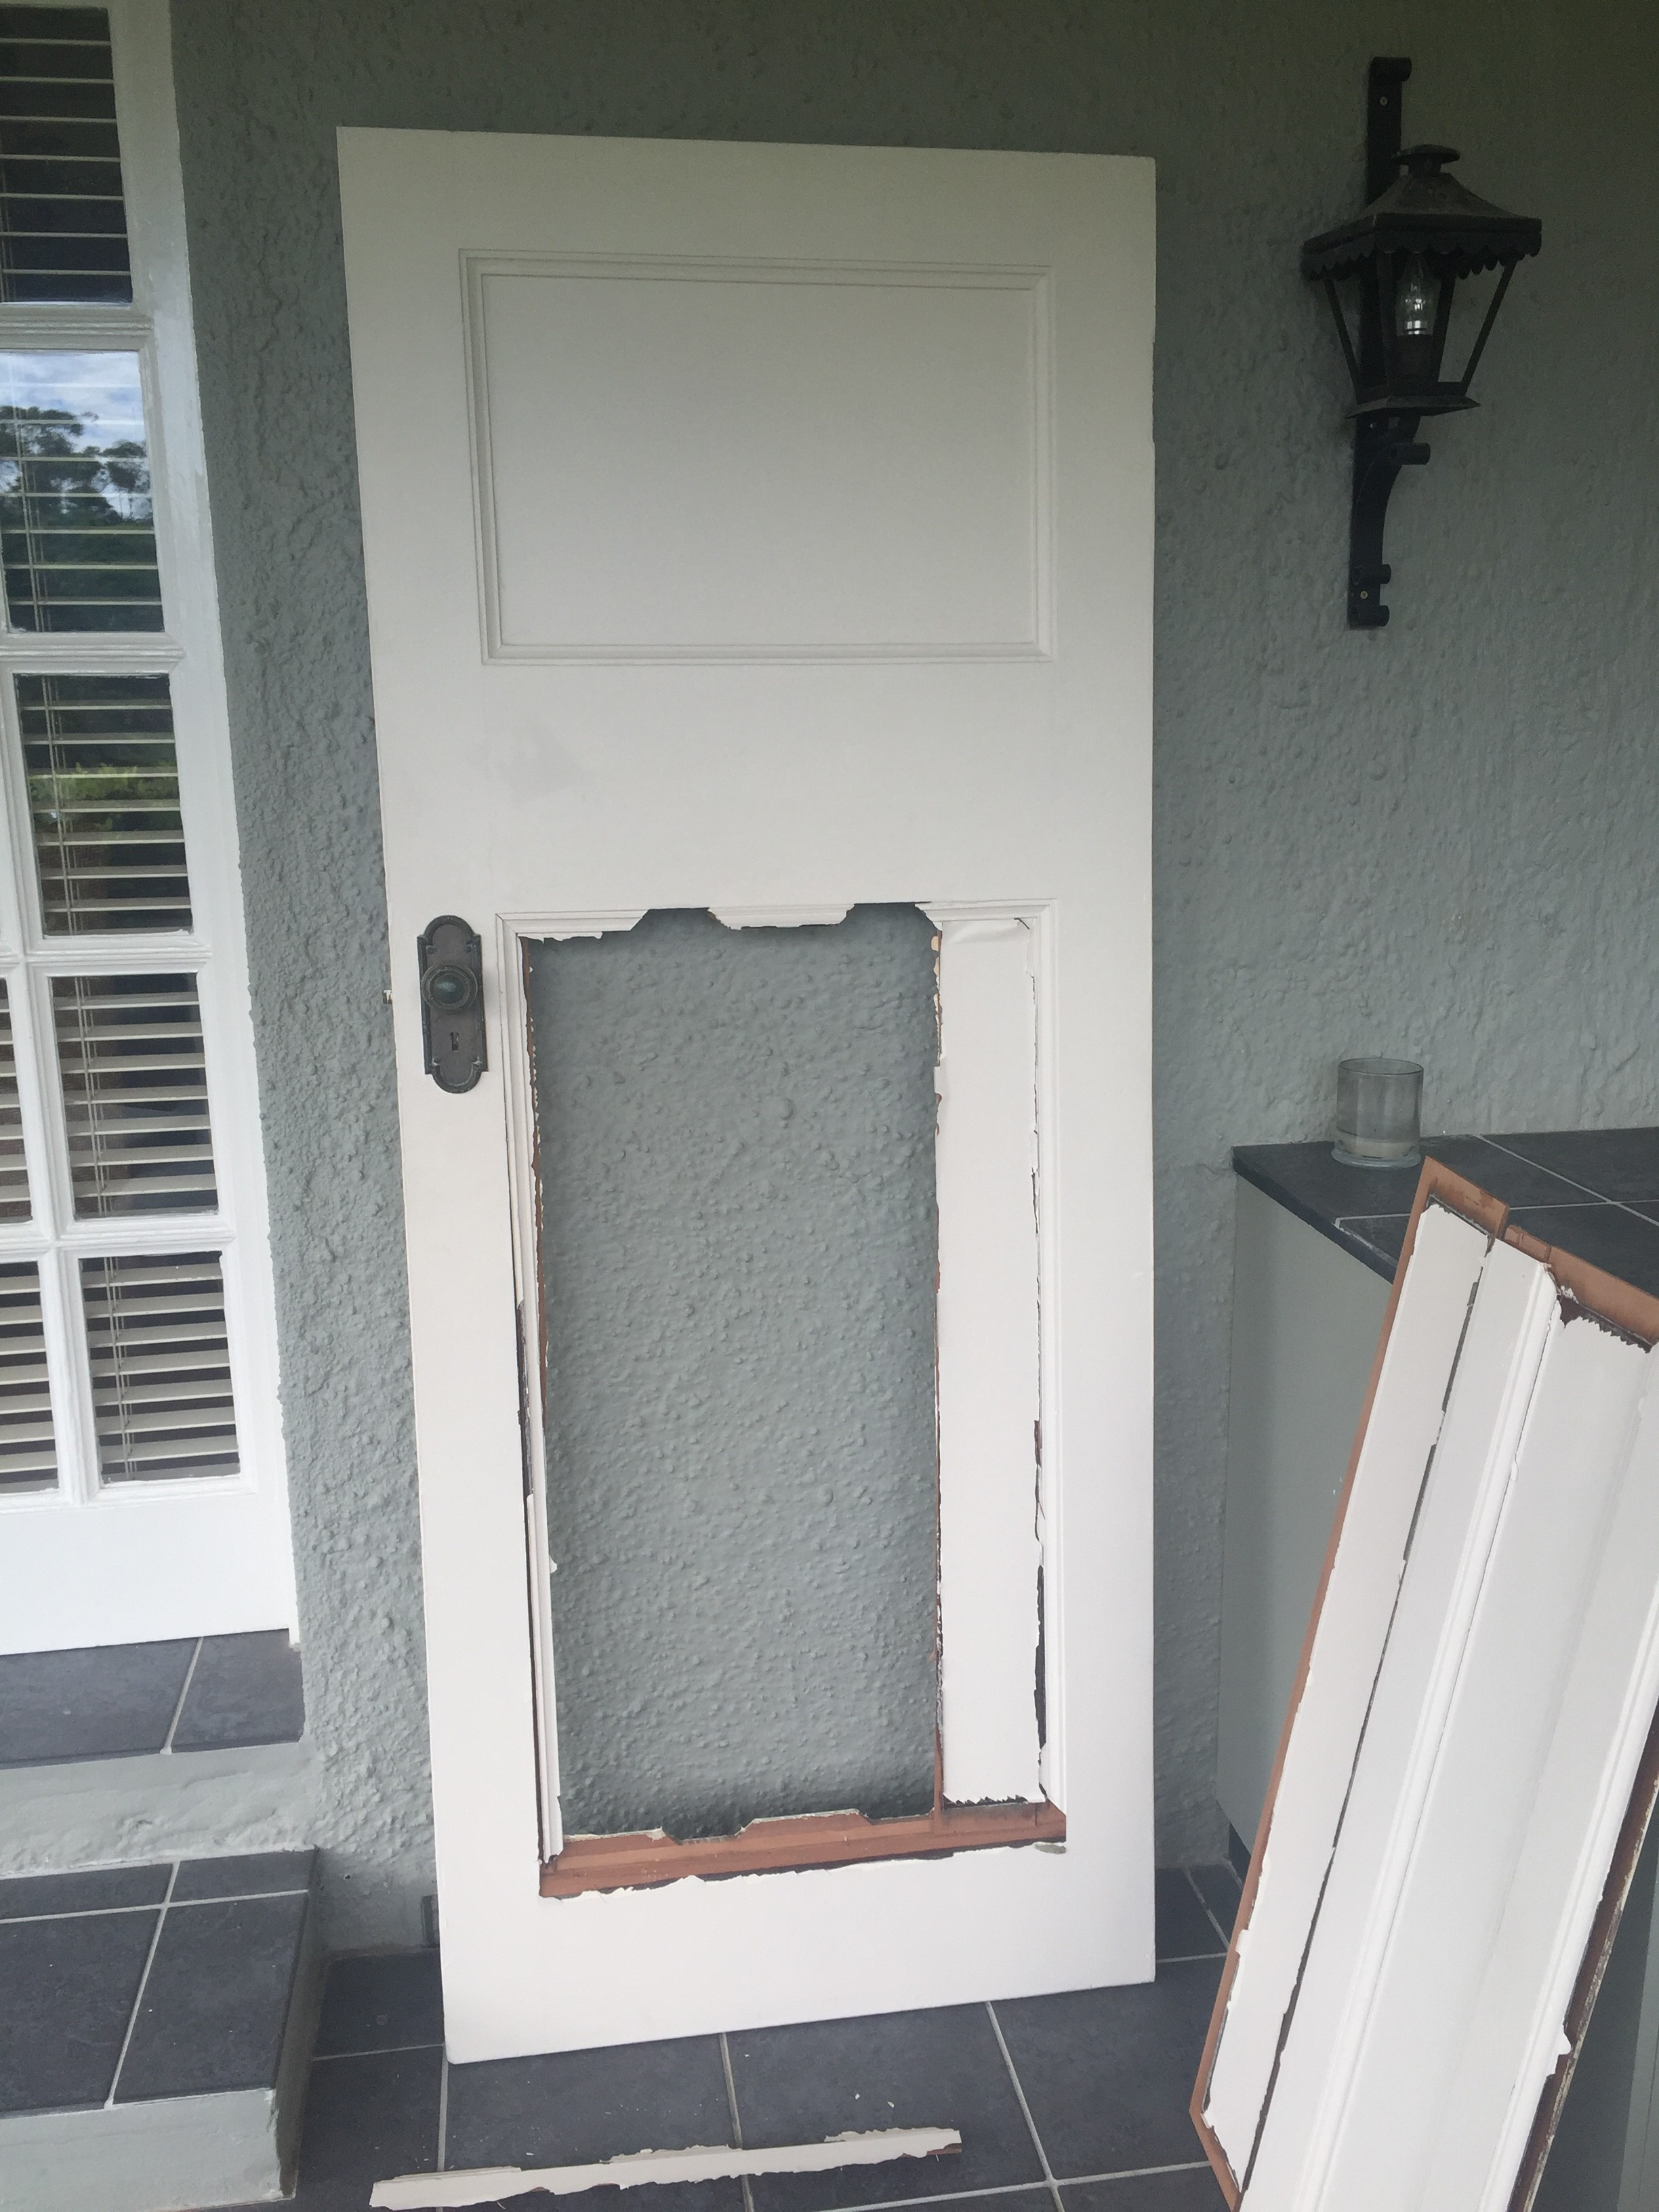 2a Broken Door